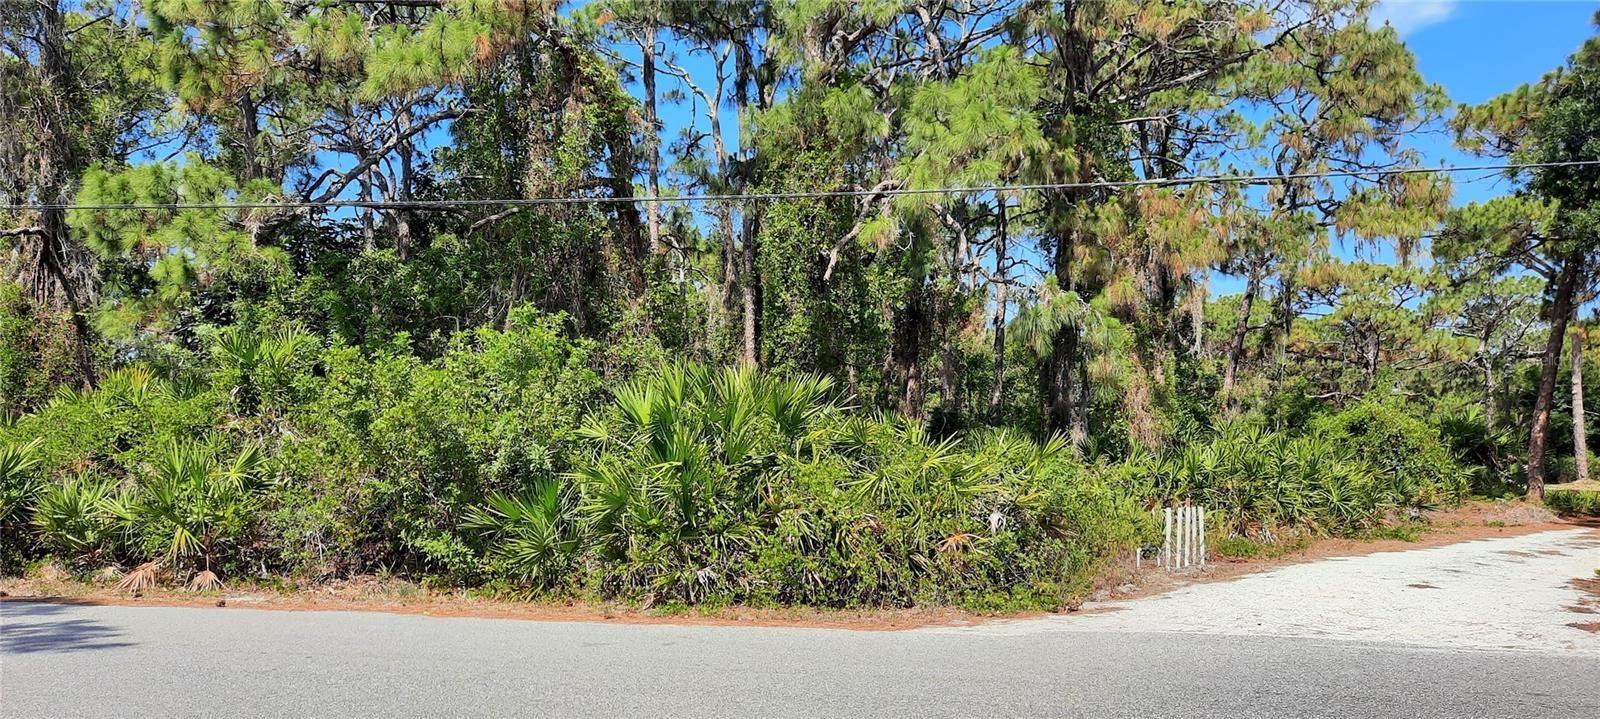 Photo of 00 VENISOTA ROAD, VENICE, FL 34293 (MLS # N6115646)